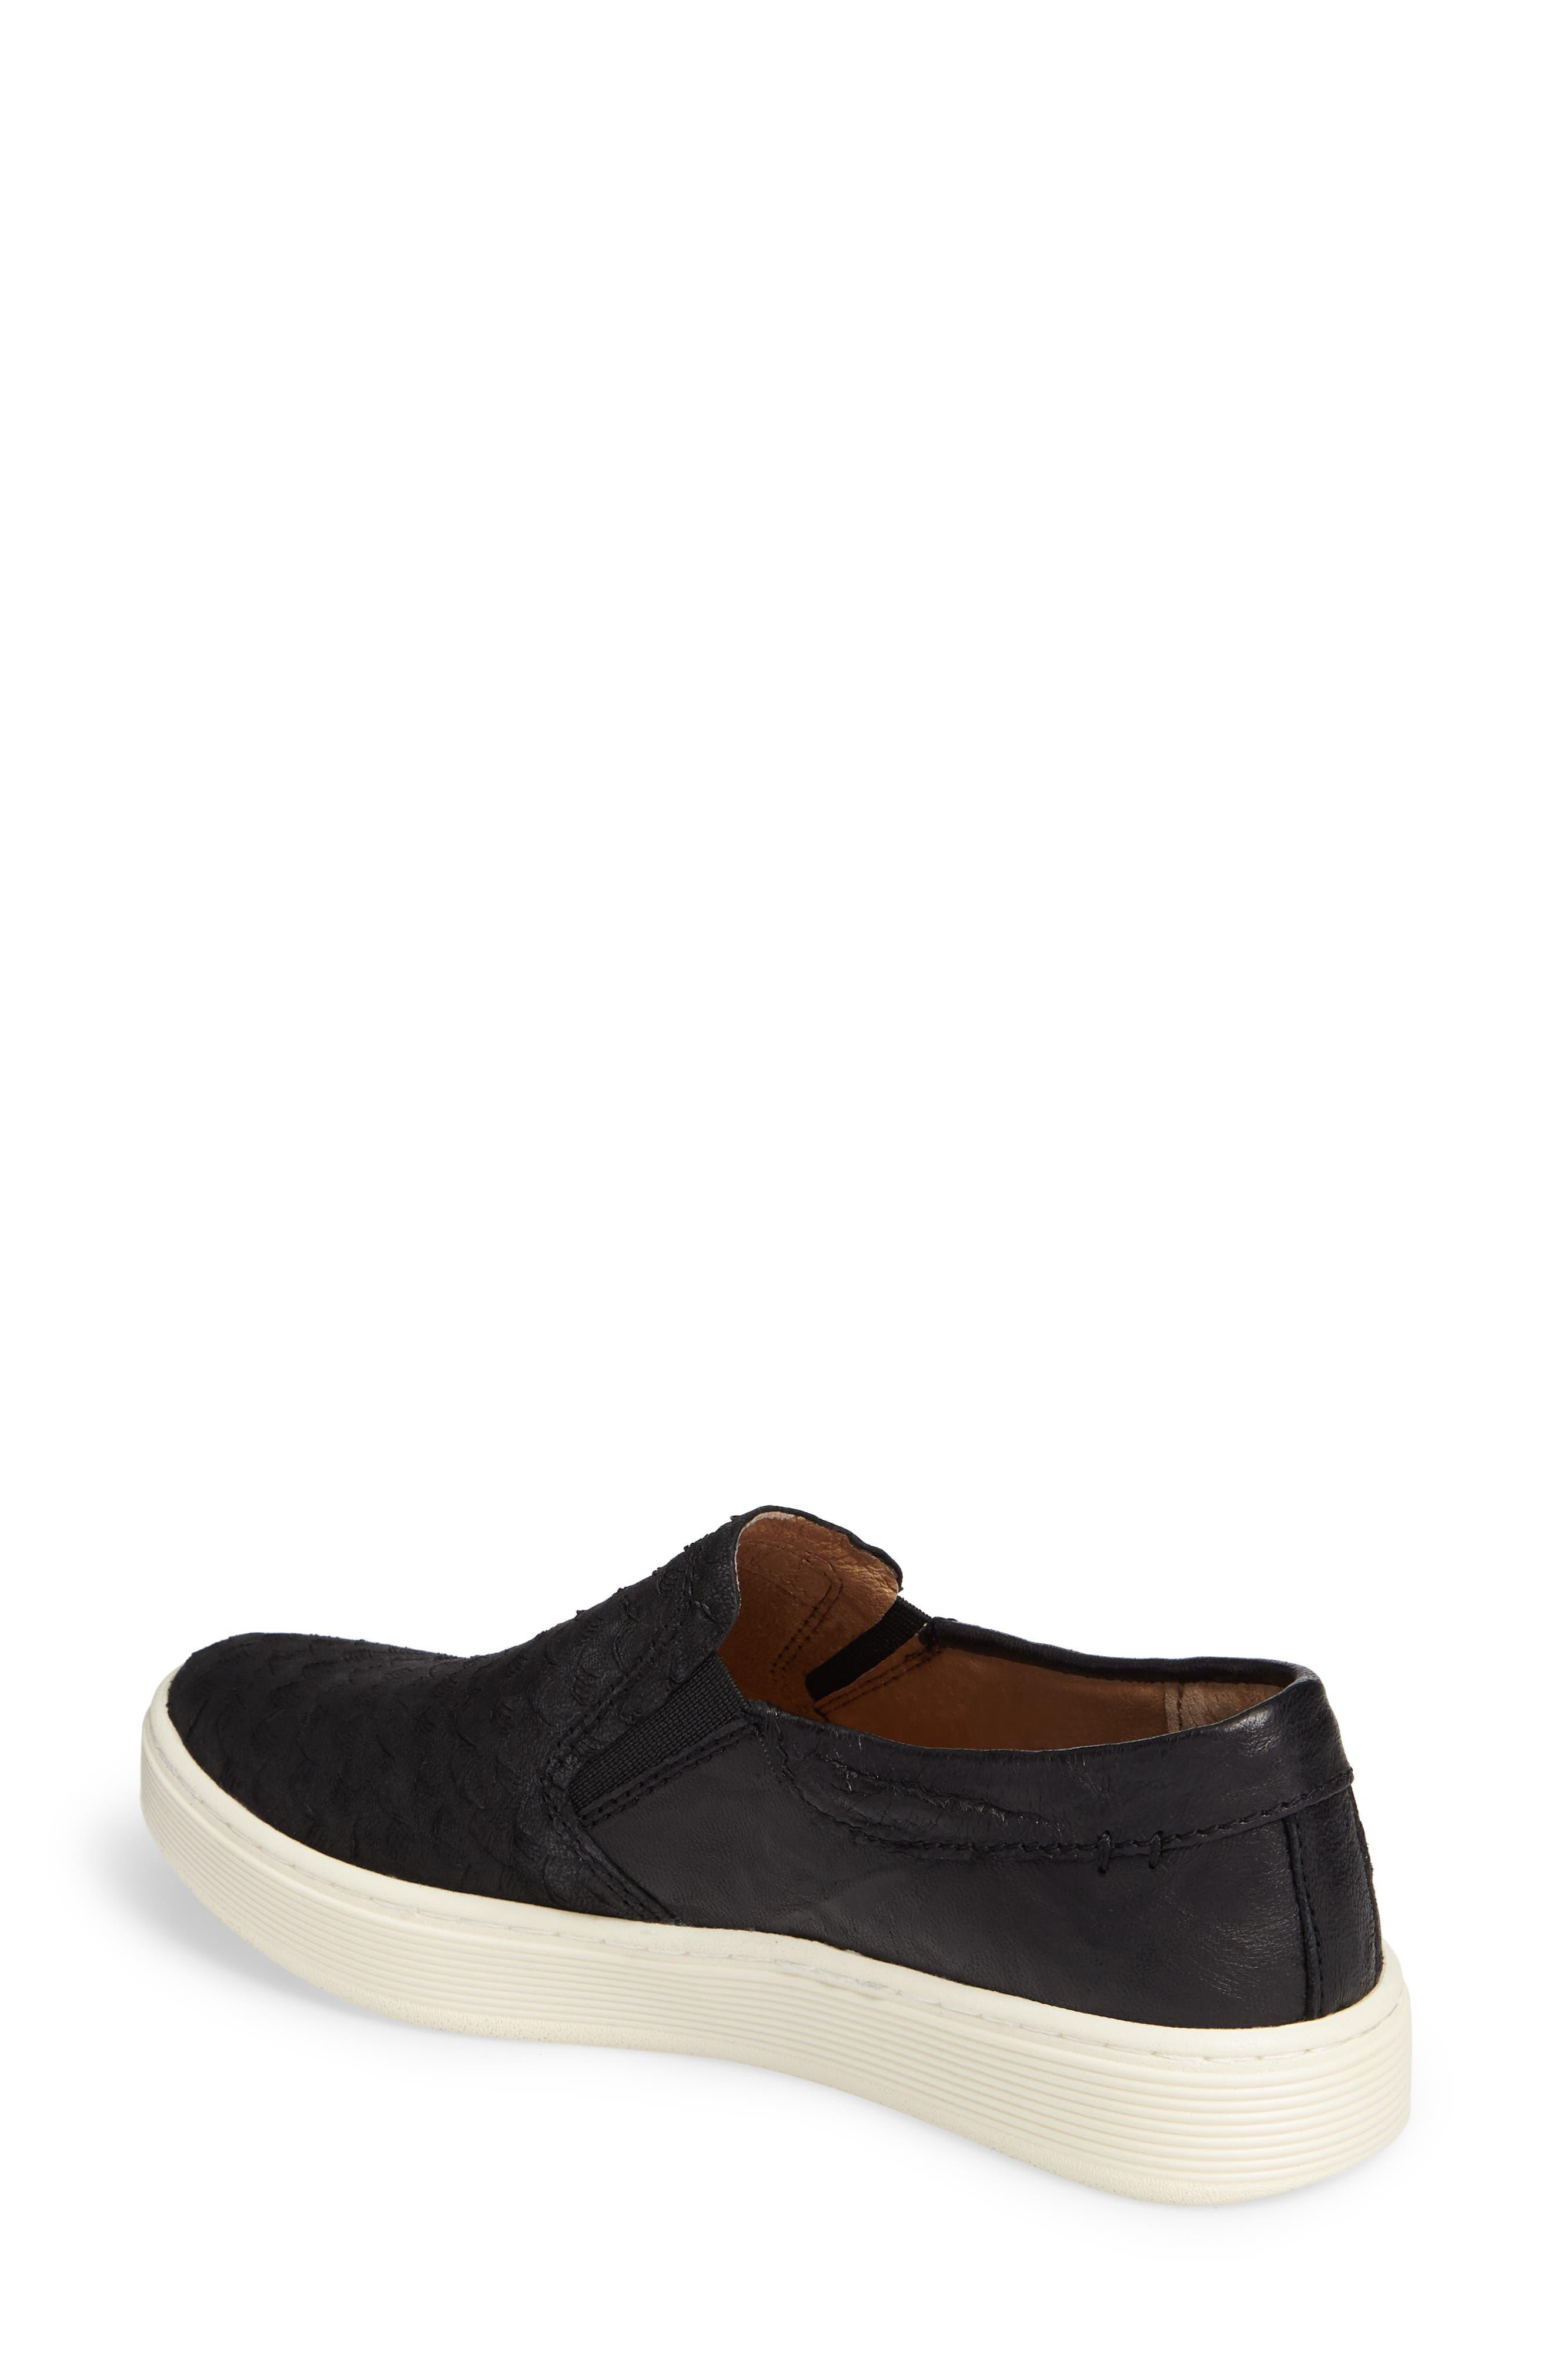 Somers II Slip-on Sneaker,                             Alternate thumbnail 2, color,                             002